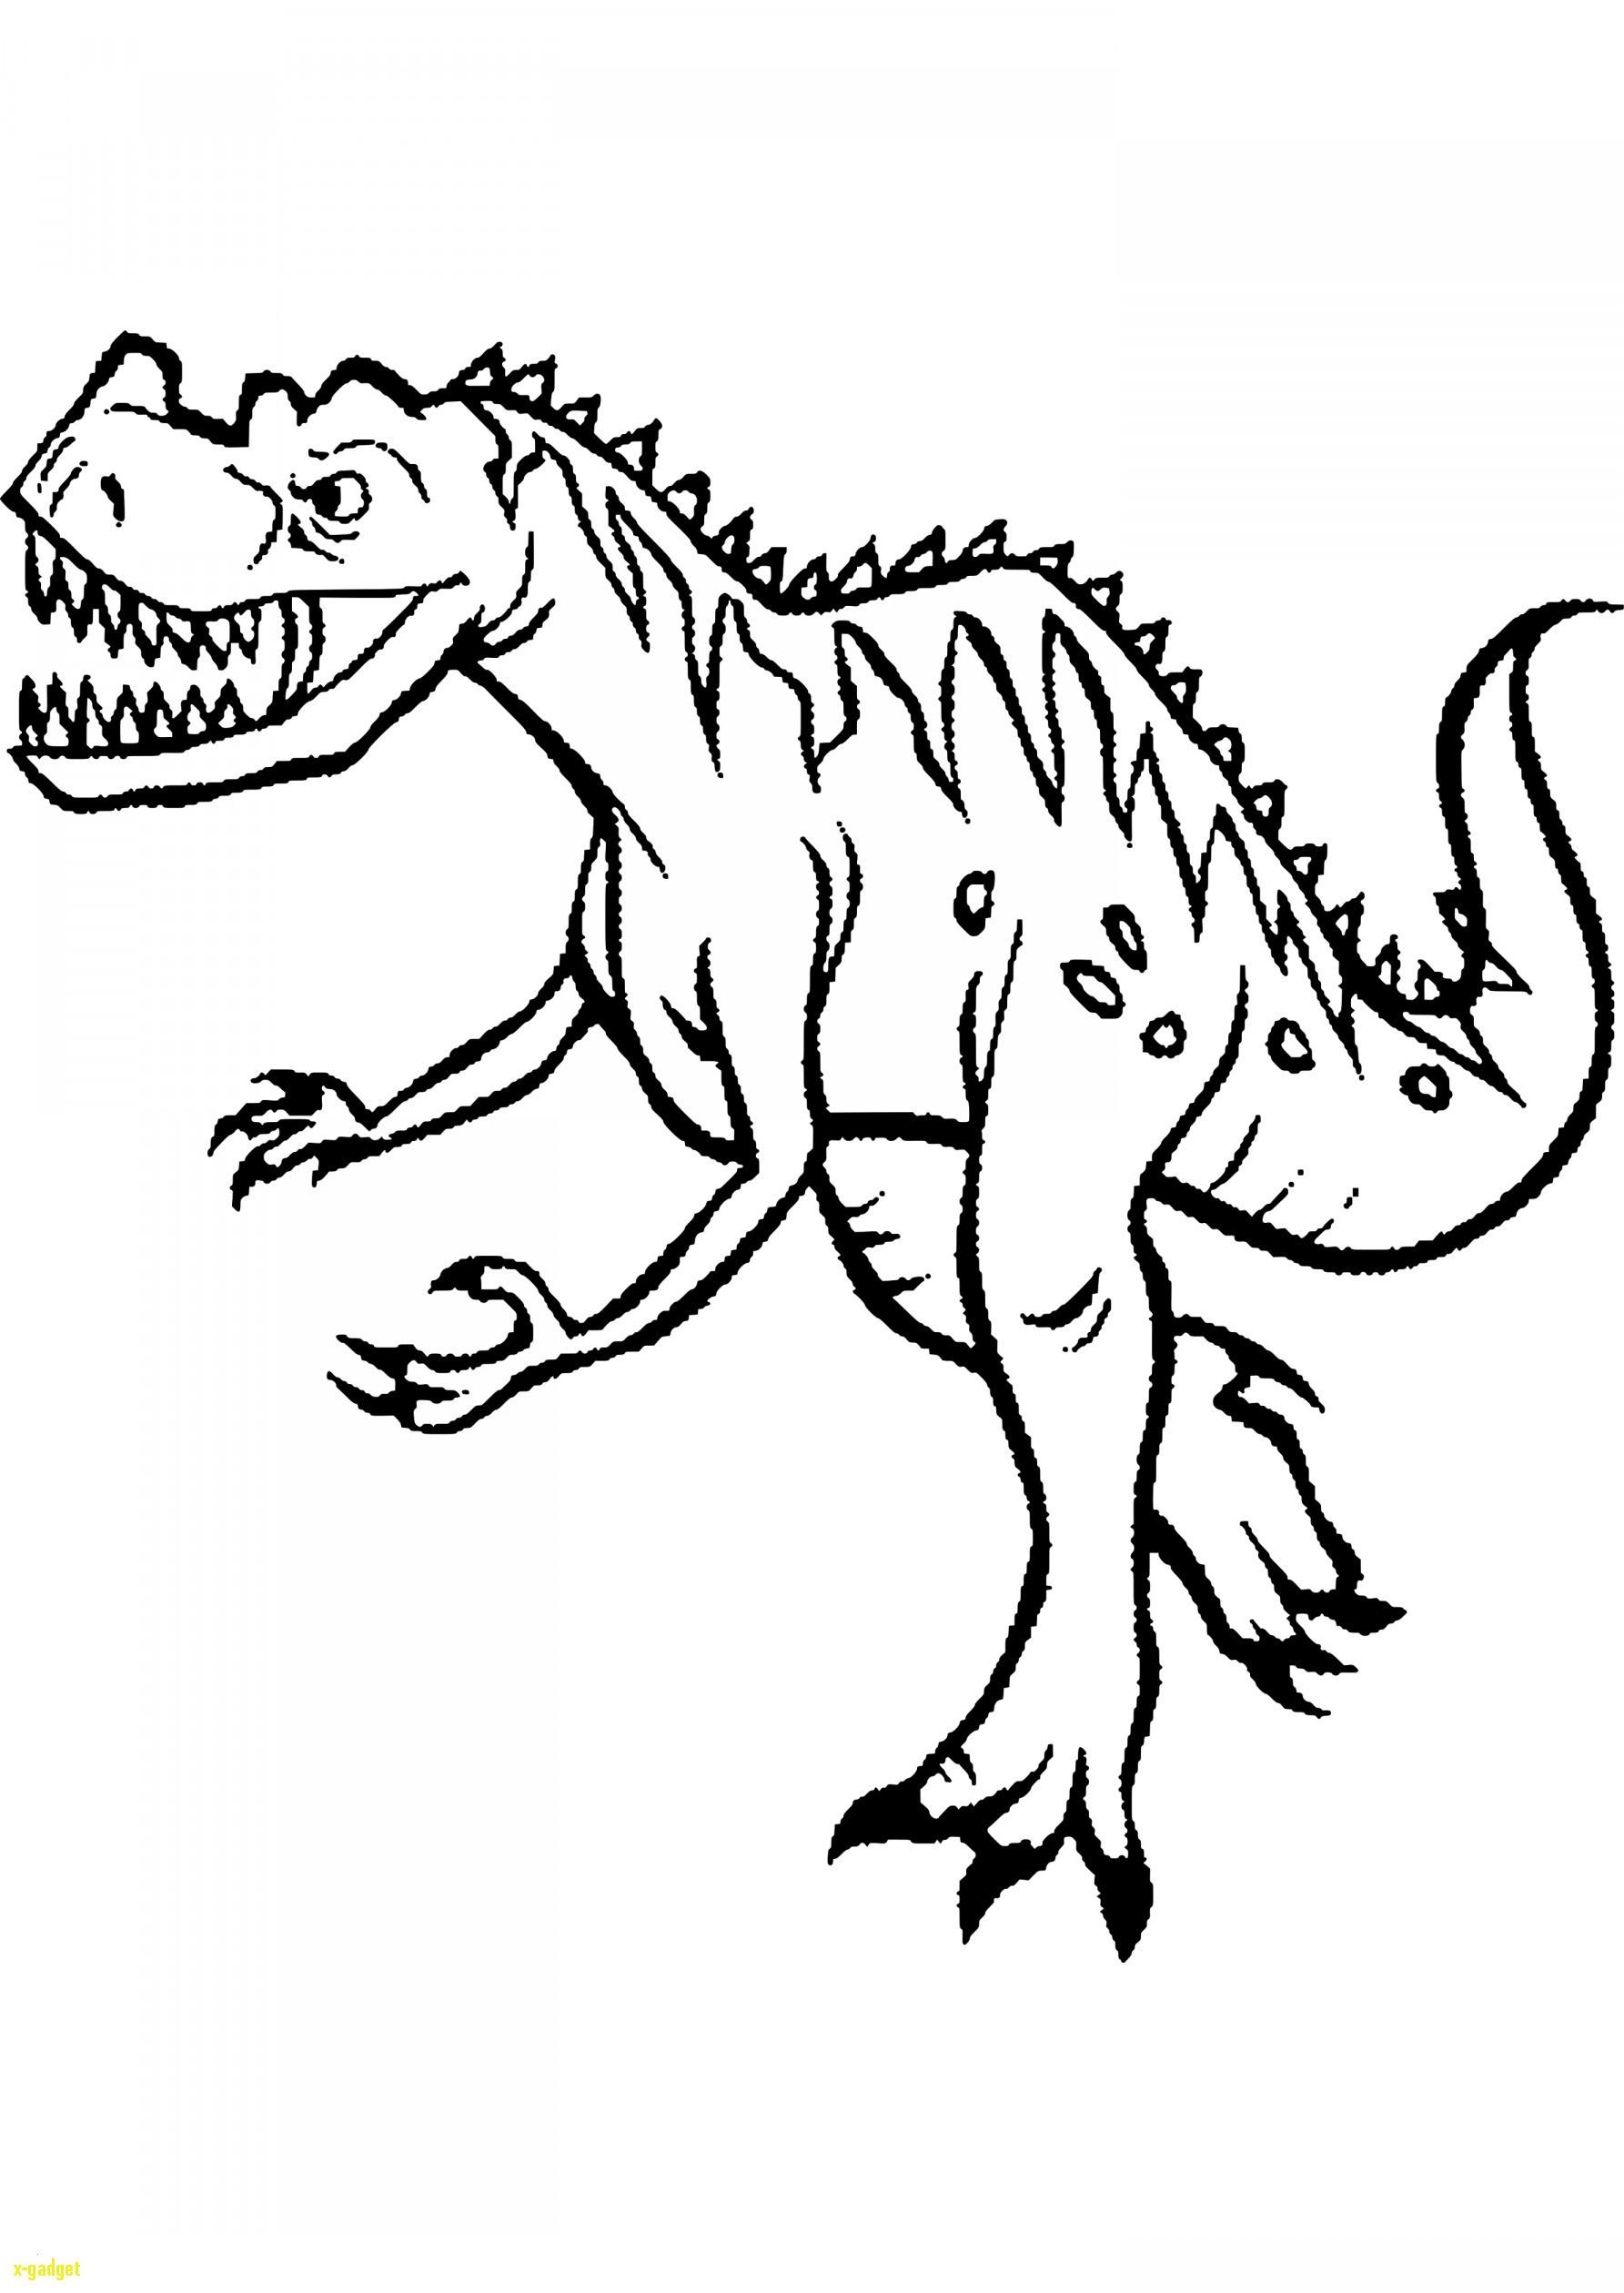 malvorlagen dinosaurier hd  28 images  malvorlagen